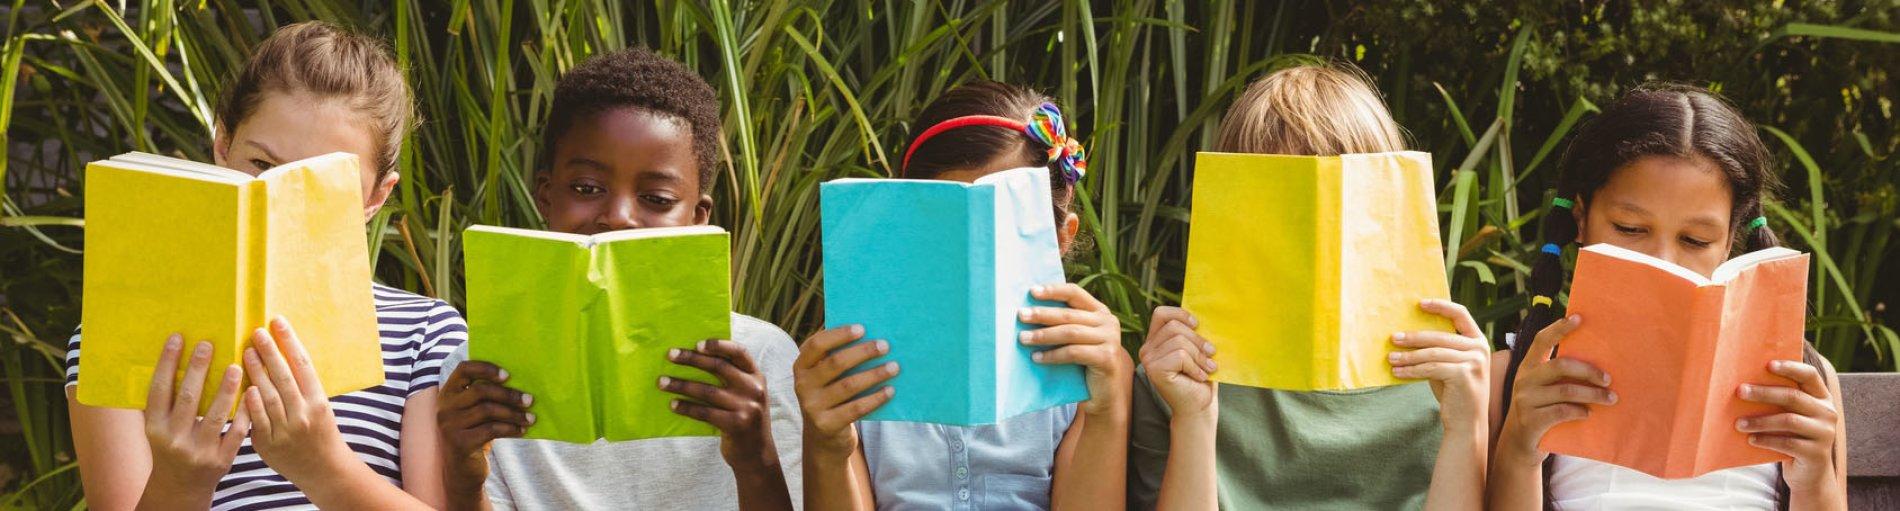 Kinder lesen Bücher im Park.